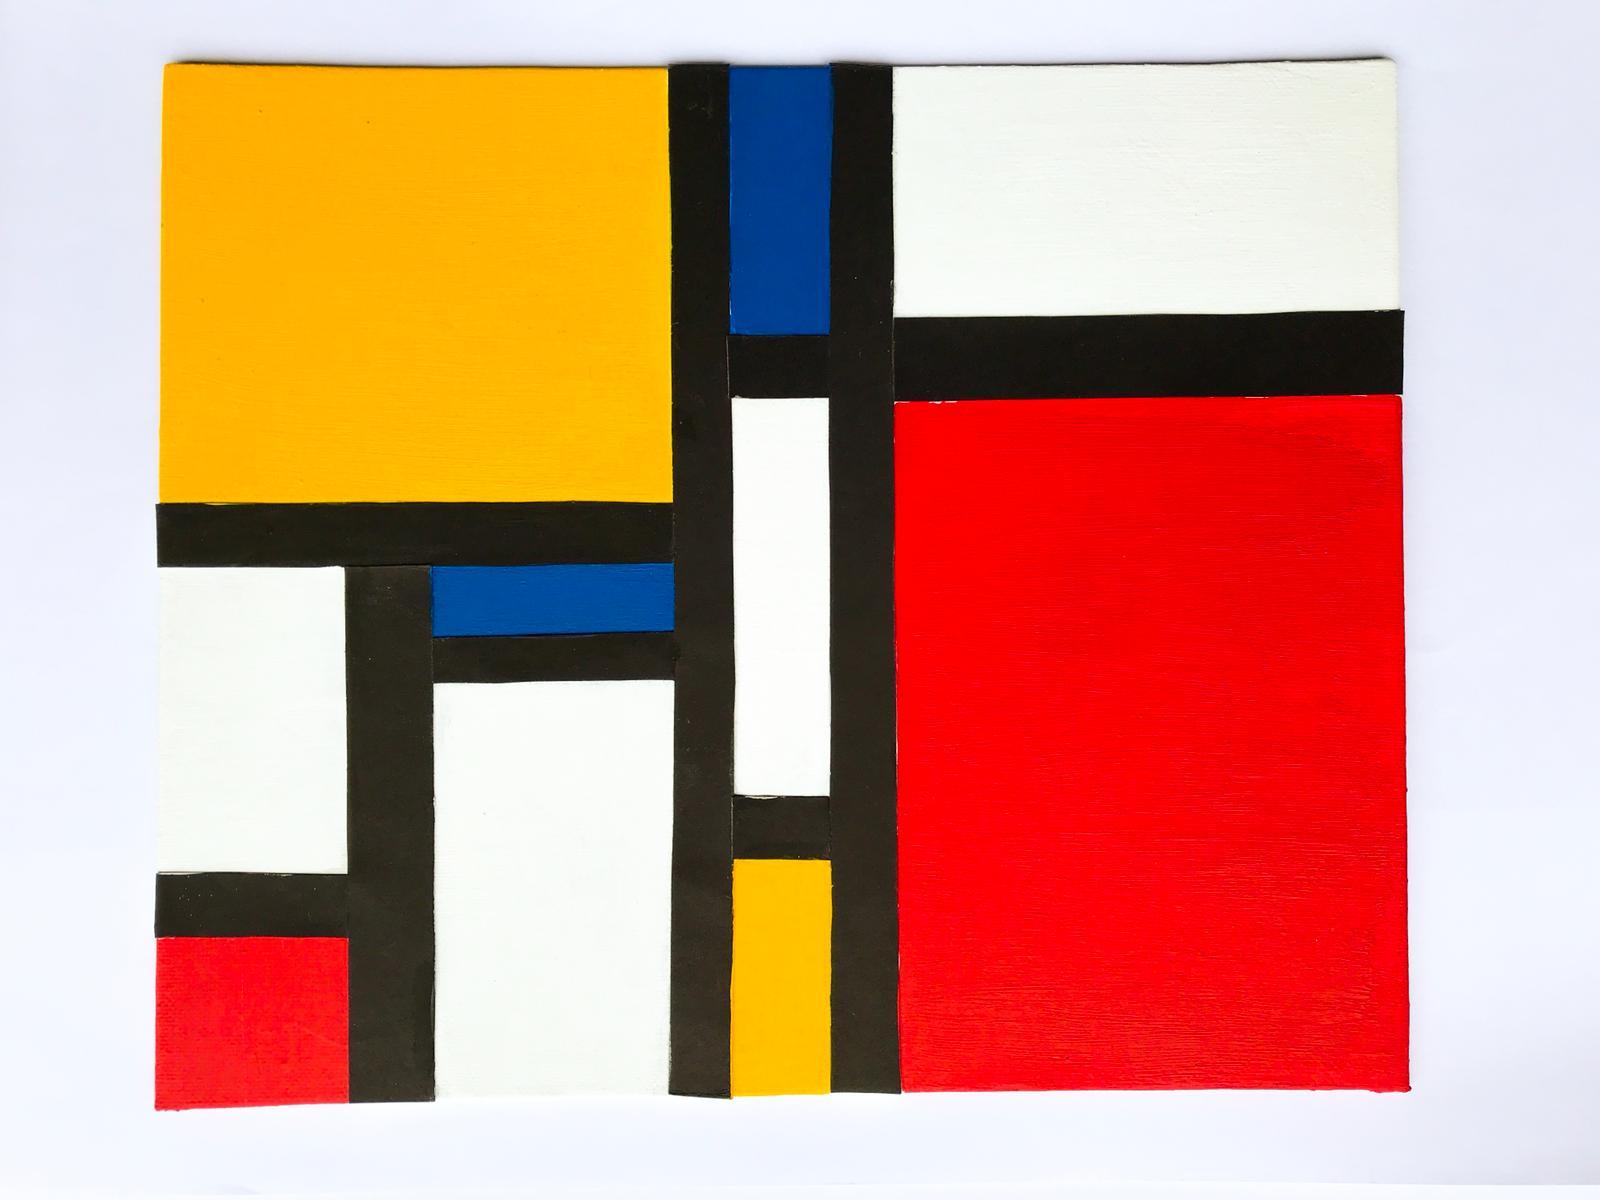 荷蘭抽象派畫家Piet Mondrian 以運用簡單線條及三原色見稱。縱橫交錯的線條及色彩鮮明的方形編織出美感十足的畫作及設計。除了填色外,小朋友亦會在工作坊中做手工藝。